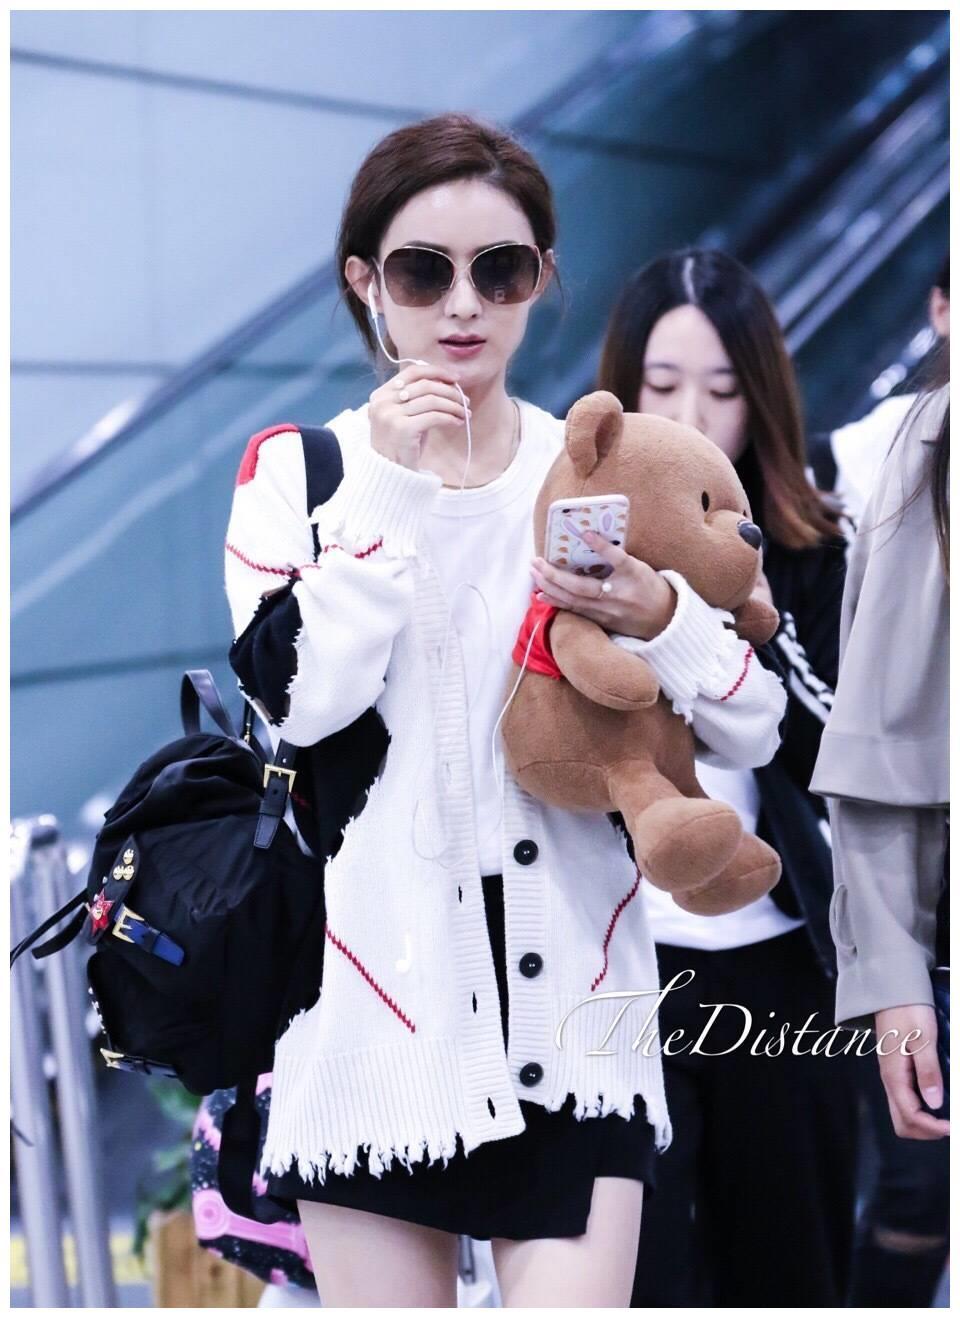 赵丽颖私服被赞有进步,抱着小熊手机不离手,这是跟谁聊呢?